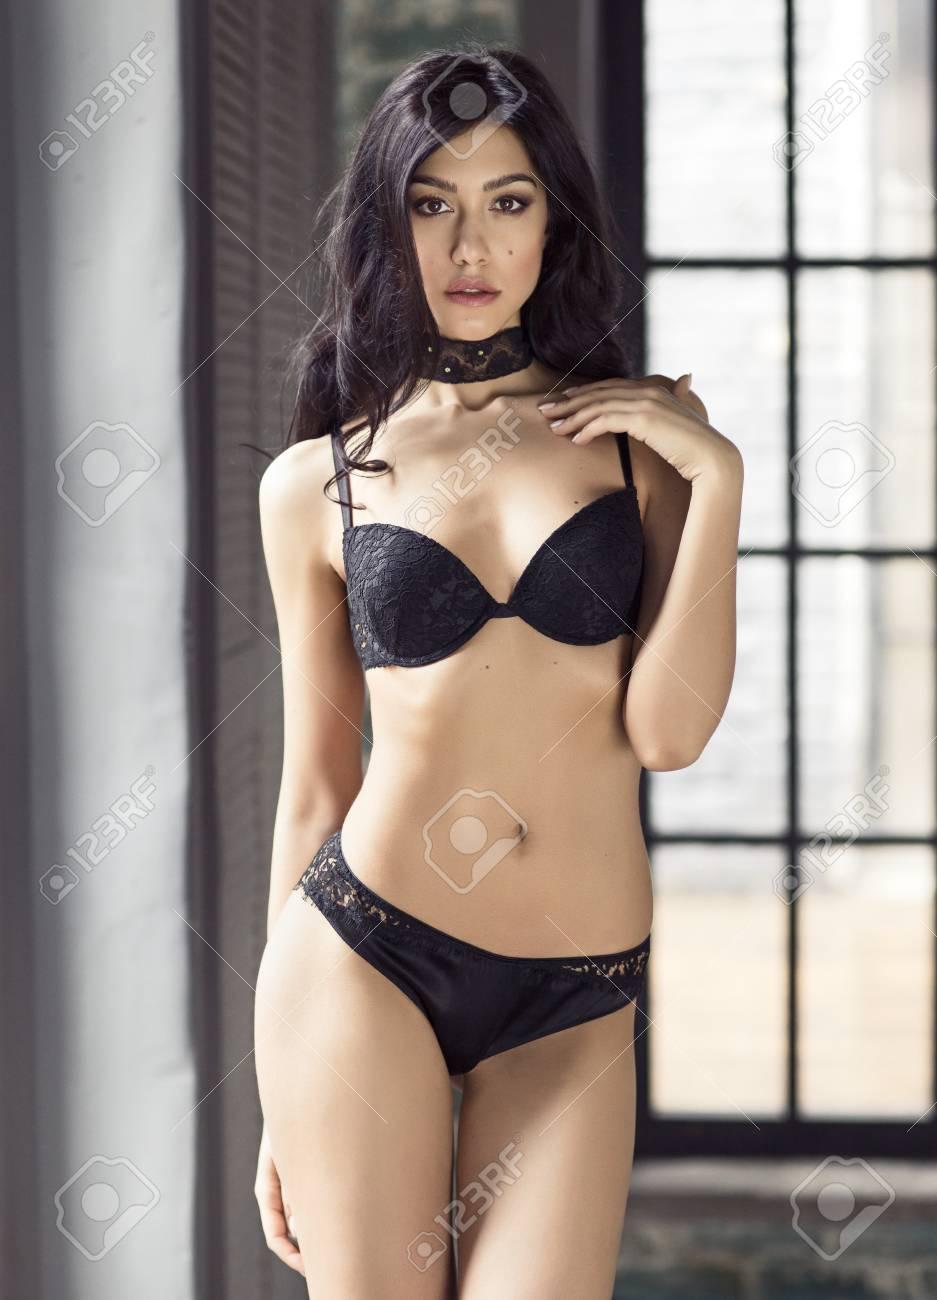 Mannequin Fenêtre Porte La Sur Sexy Posant Lingerie Le 5S3jq4ARcL